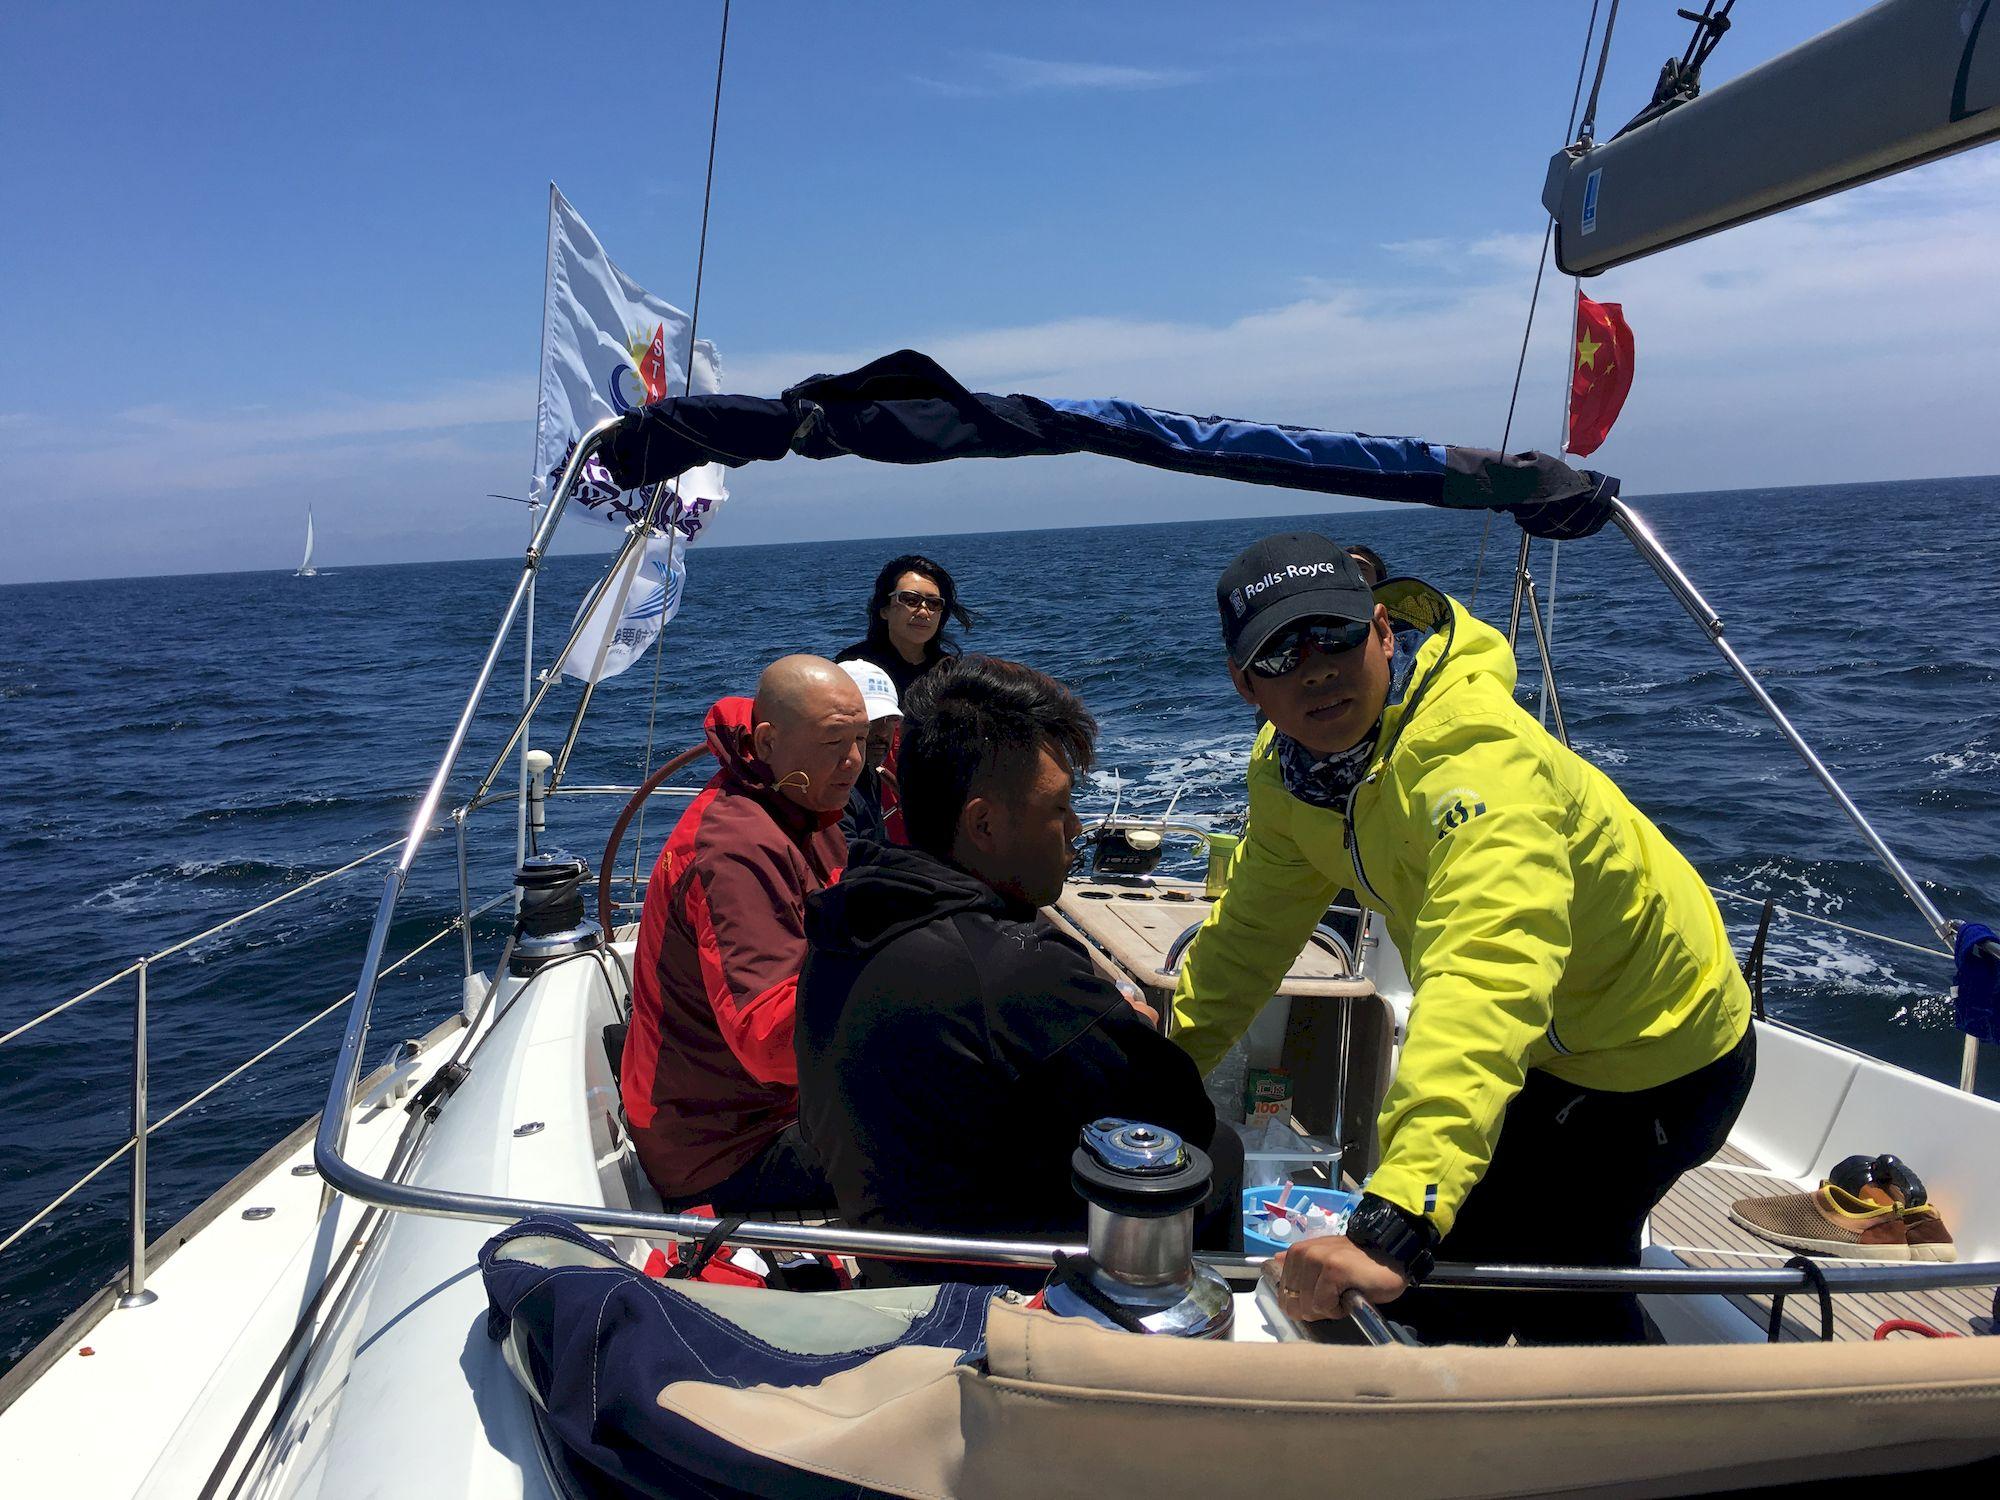 030-IMG_3457_千帆俱乐部我要航海网帆船队-2016威海-仁川国际帆船赛.JPG